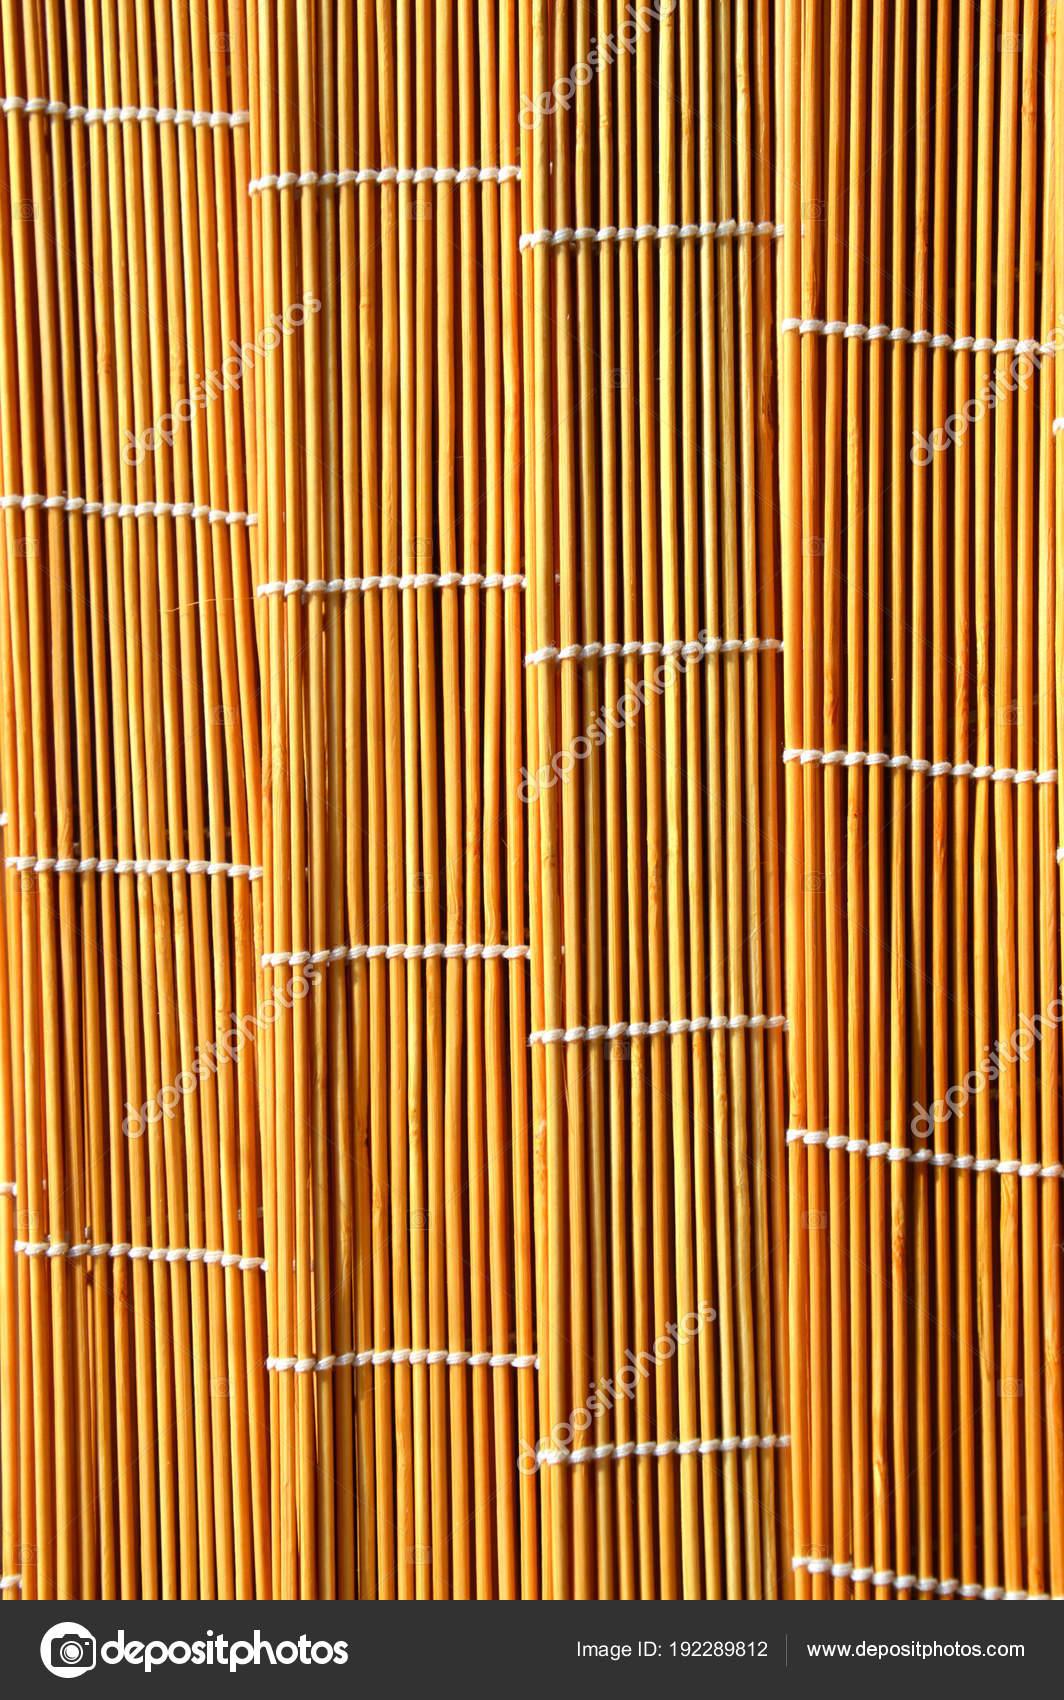 Textur Des Bambus Jalousien Nahaufnahme Stockfoto C Julia5 192289812